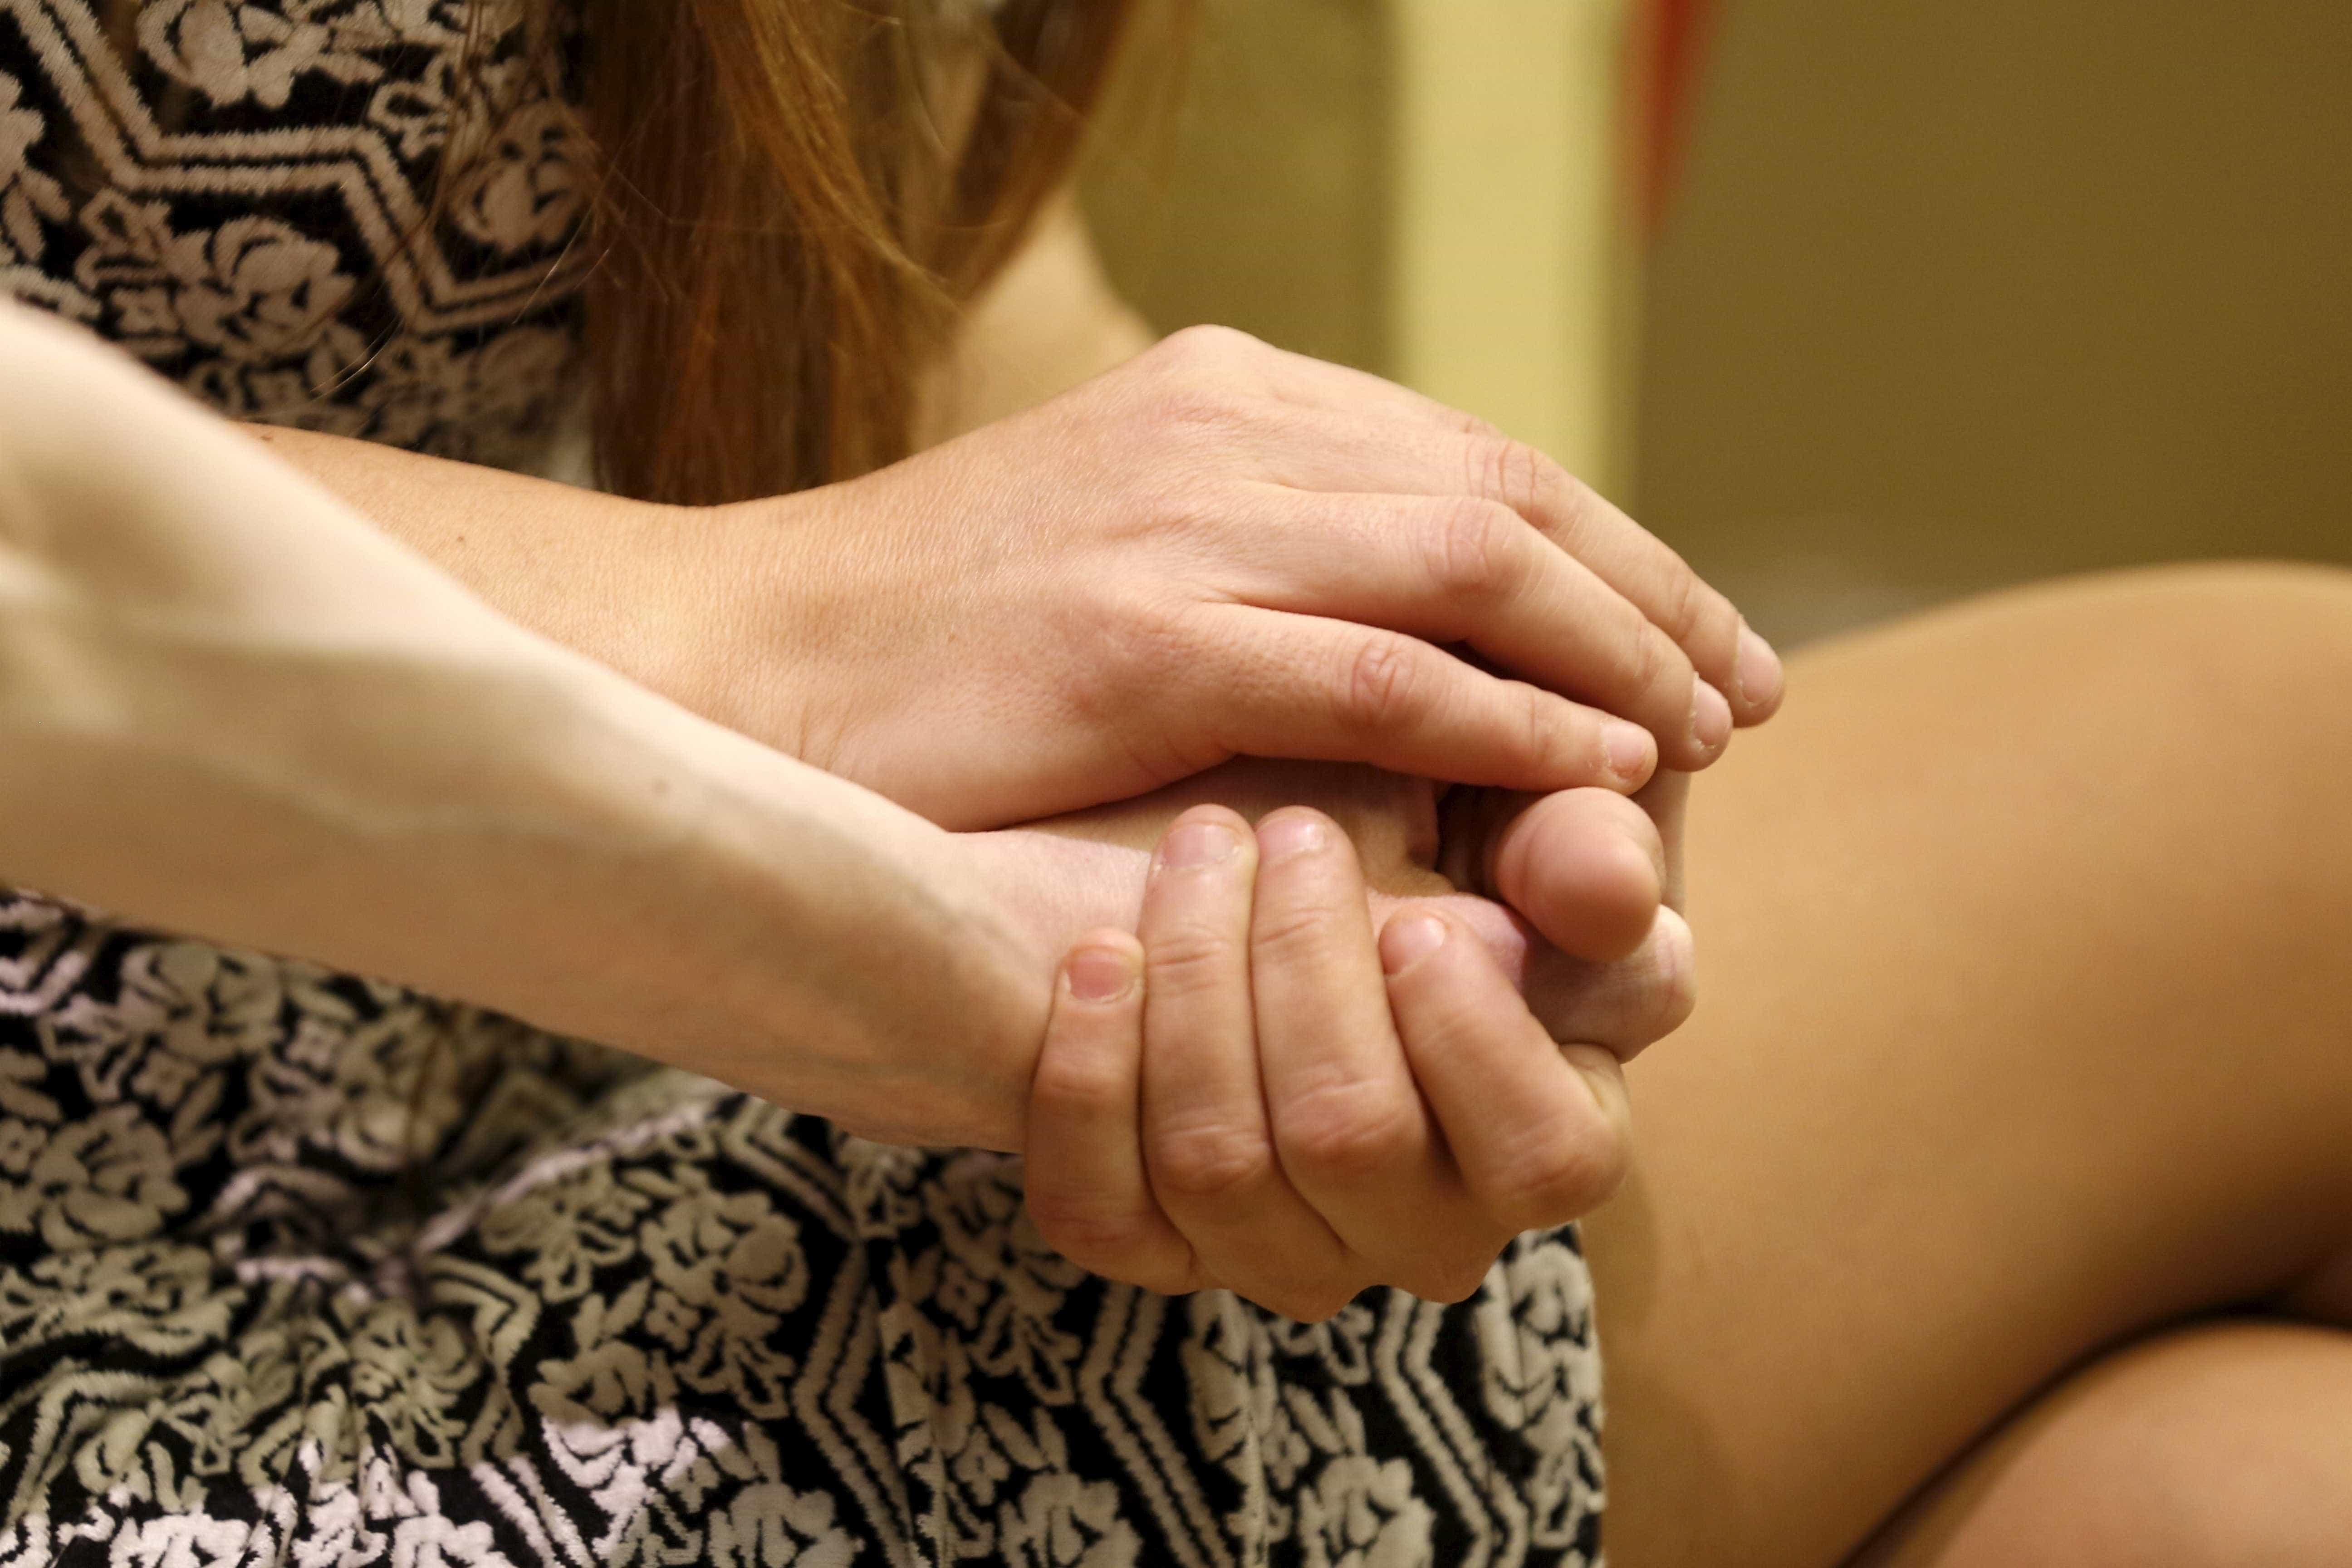 Homem é preso por estuprar enteada por cinco anos seguidos em Roraima